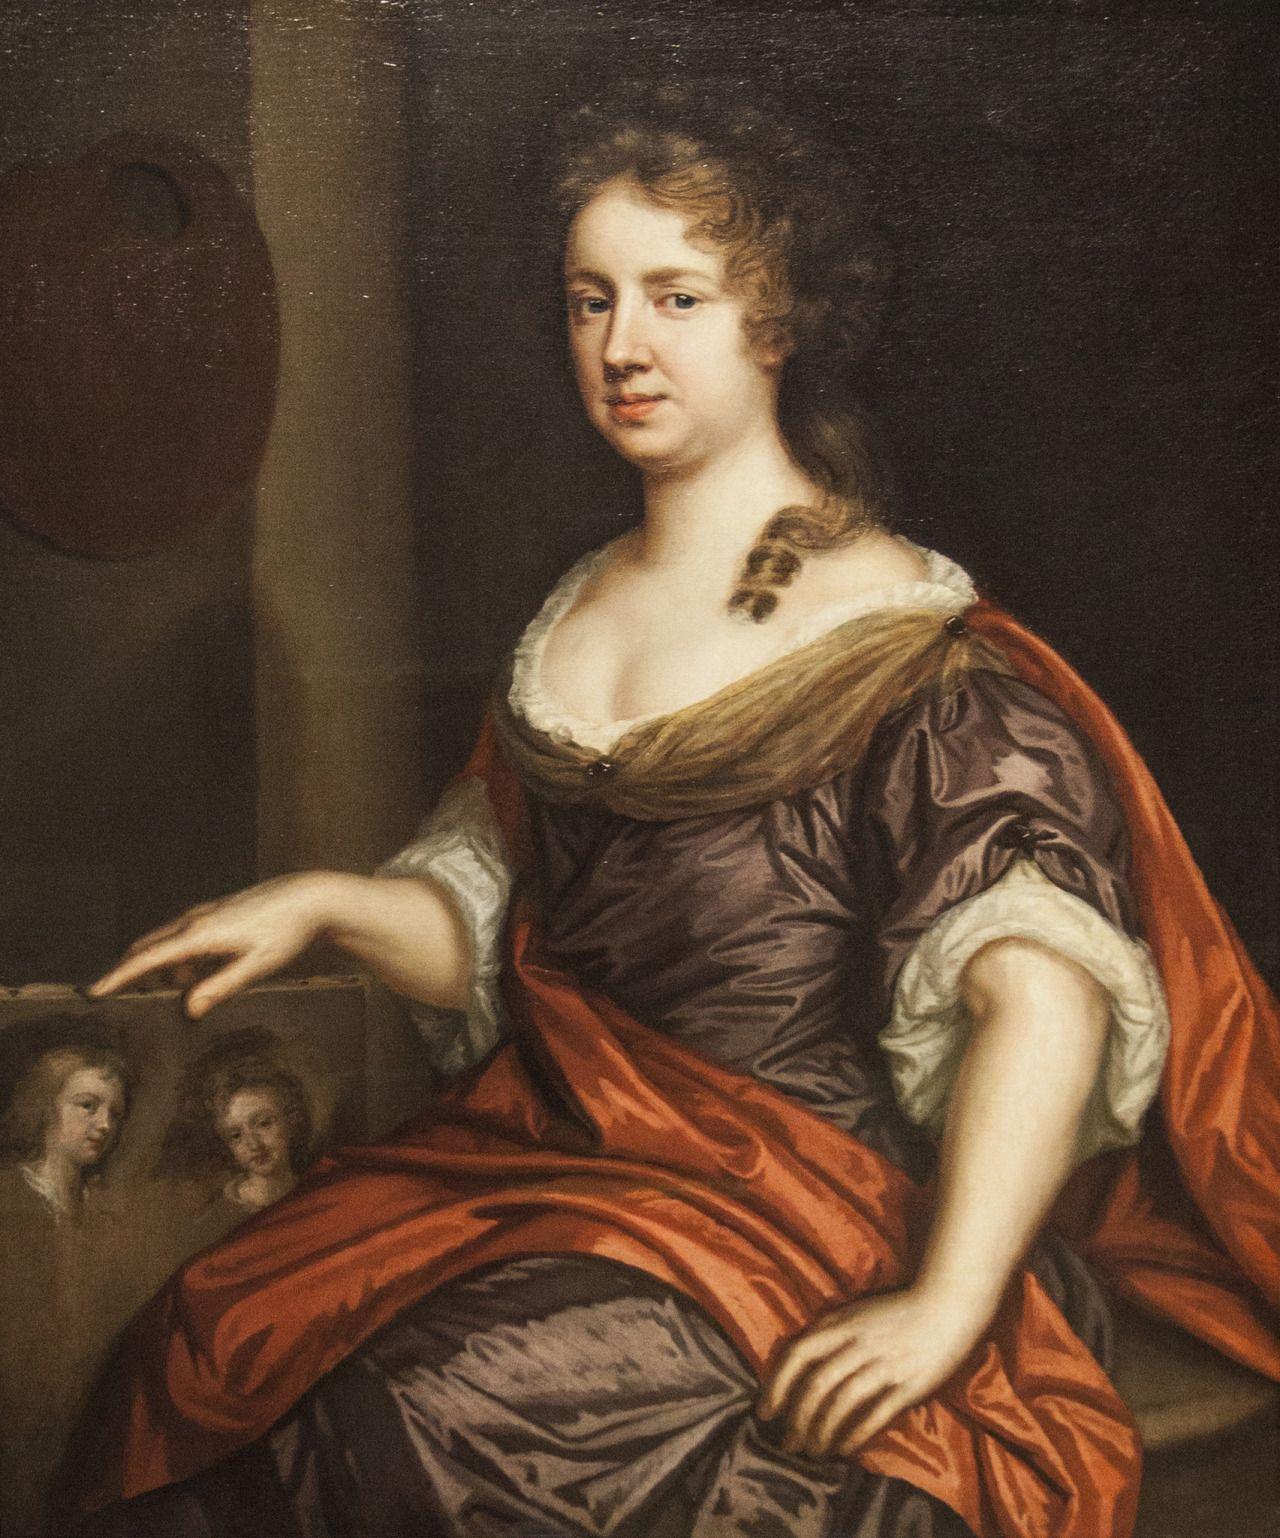 Autorretrato, Mary beale, 1680